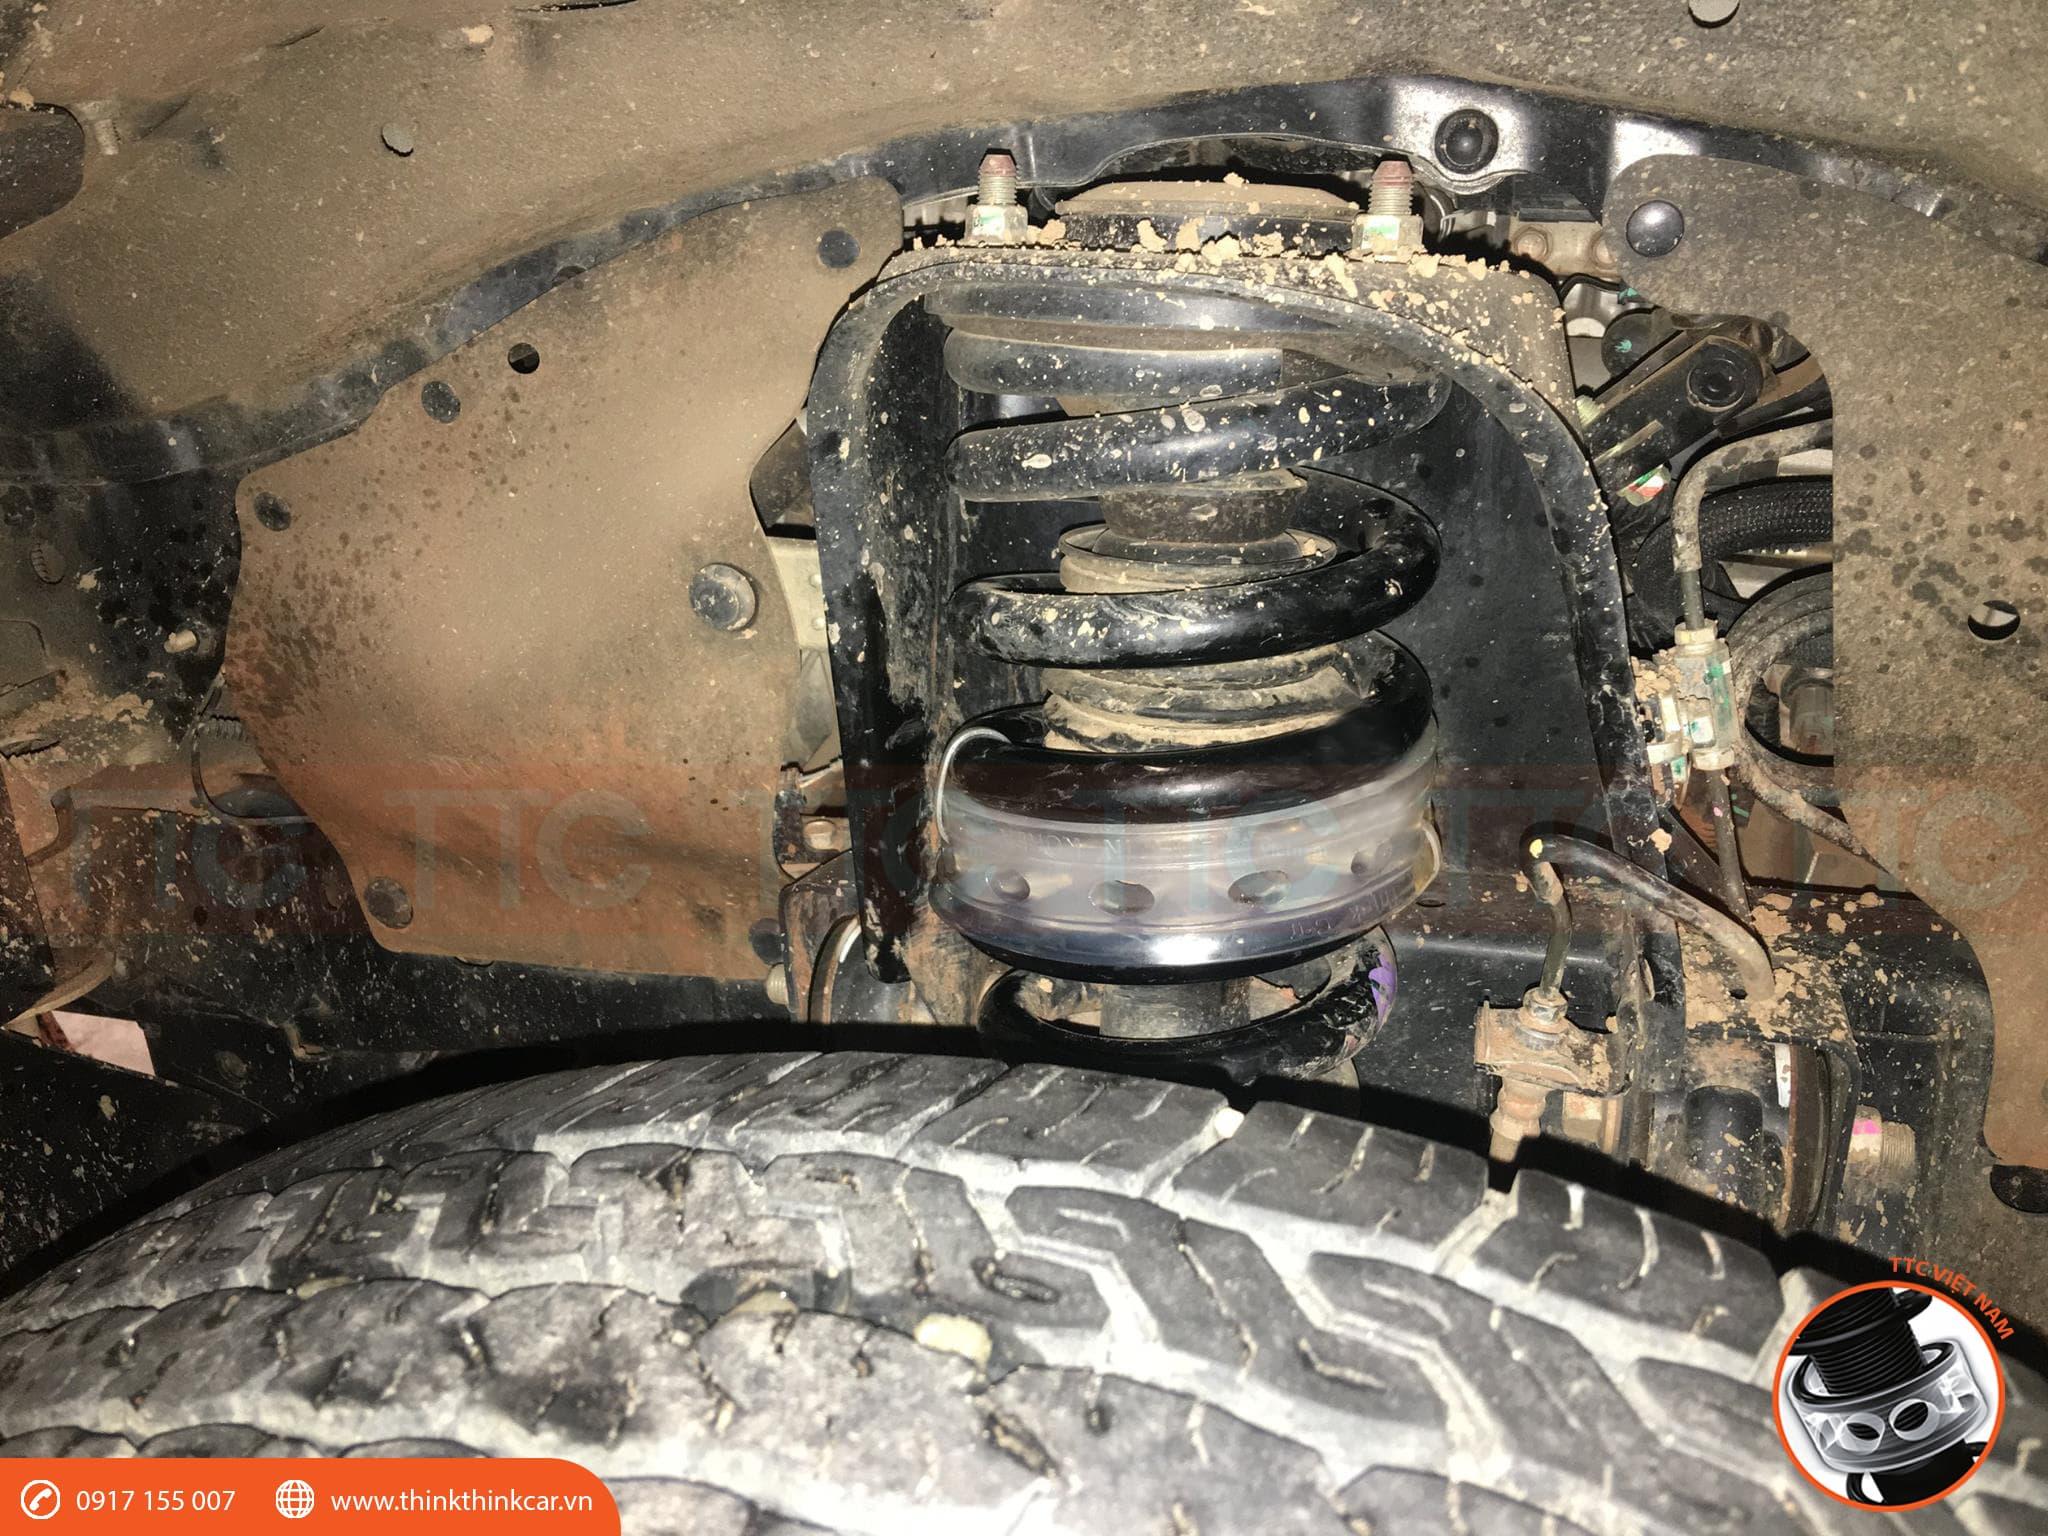 Đệm giảm chấn TTC vào lò xo xe